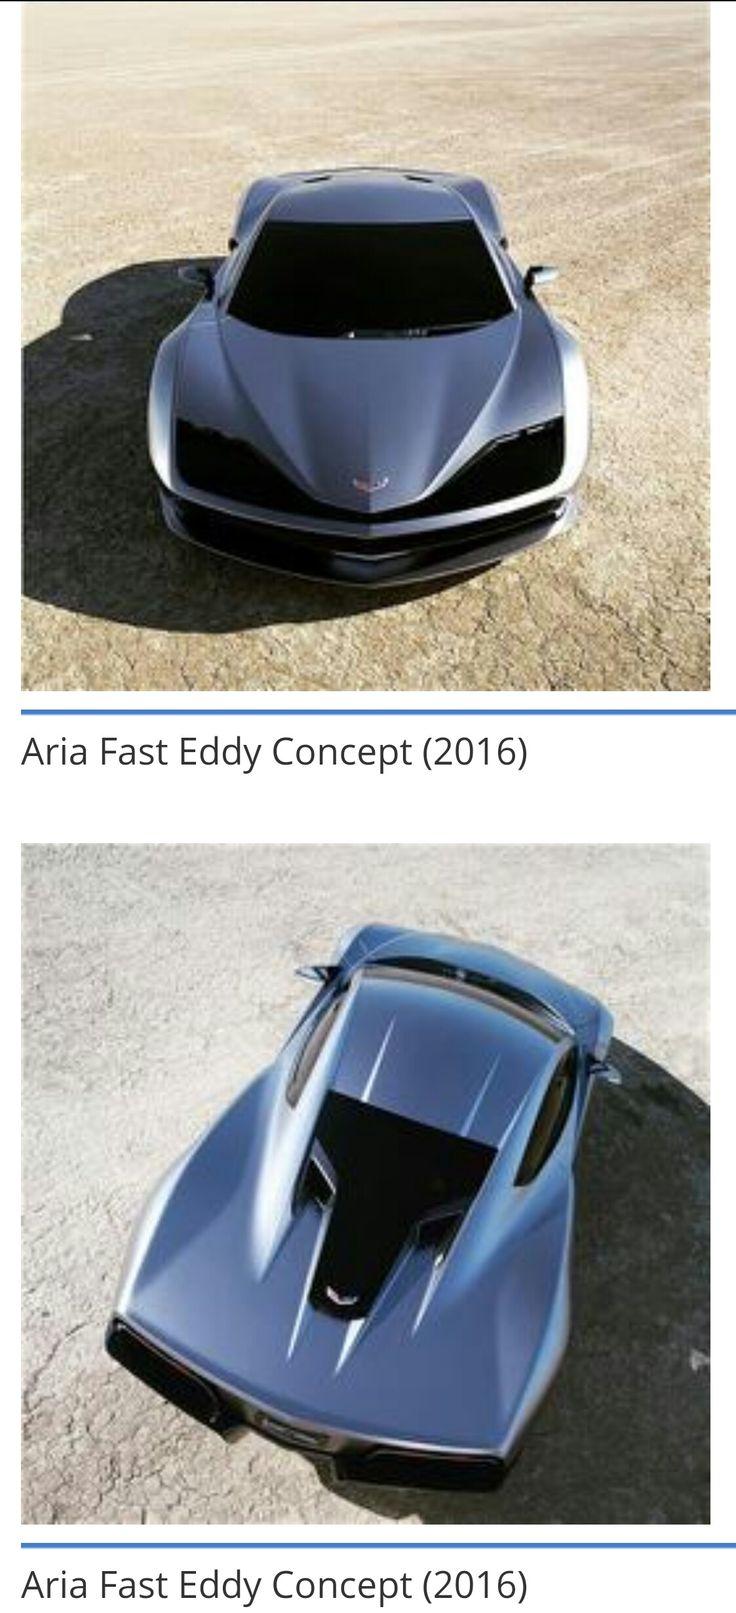 2016 Aria Fast Eddy Concept